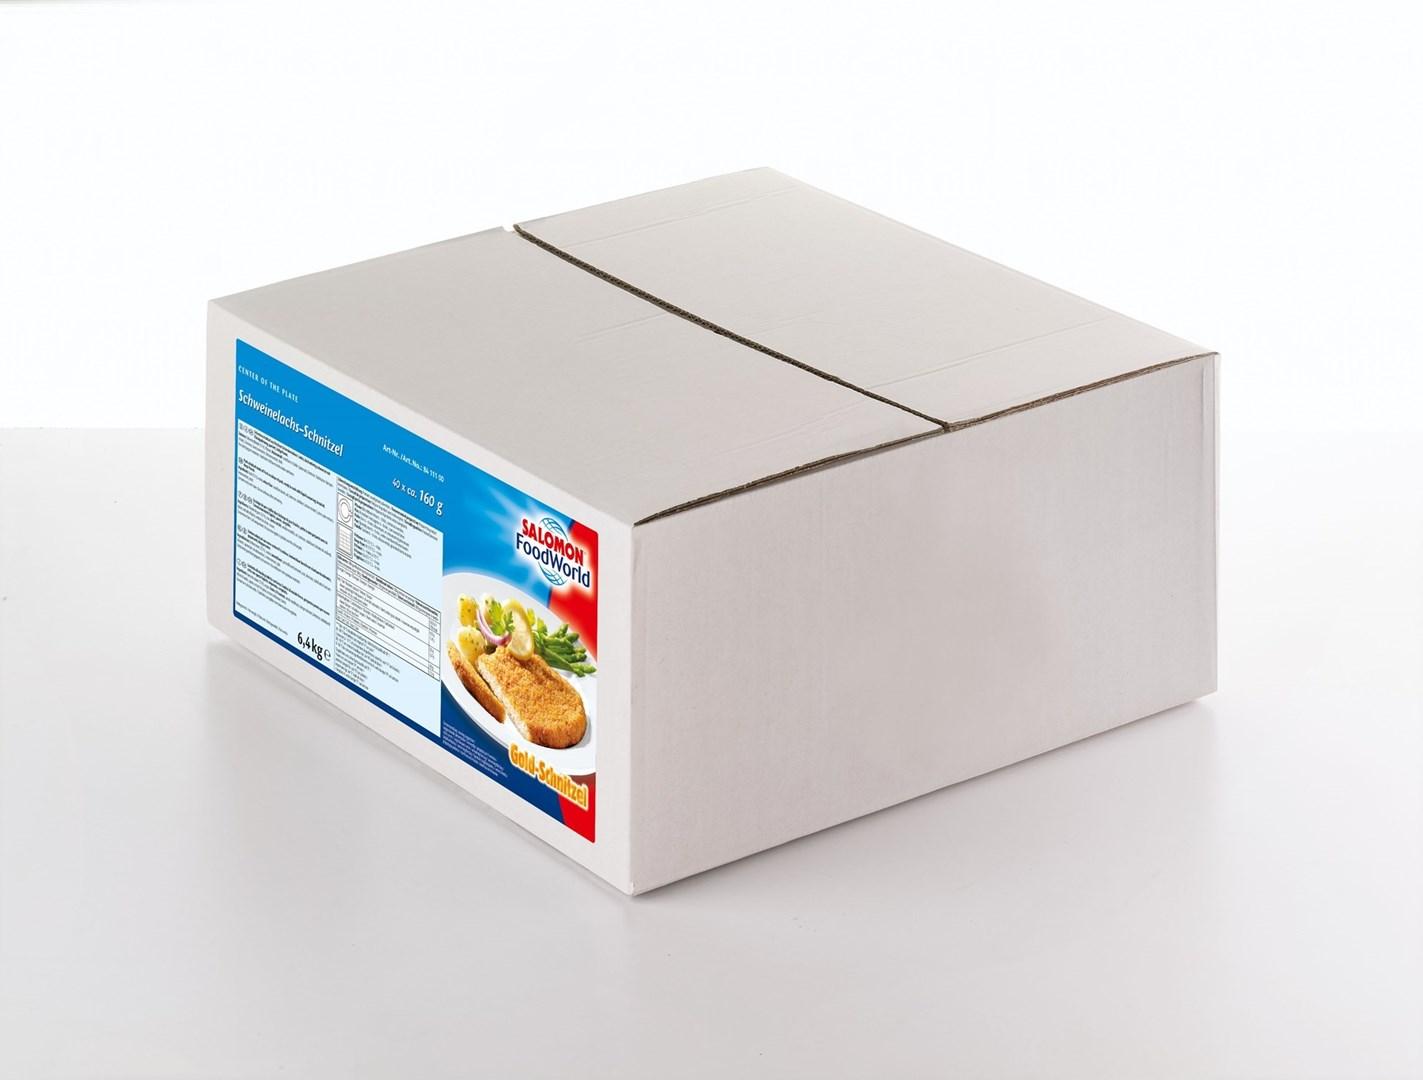 Productafbeelding MS Varkensfilet Schnitzel 160 g